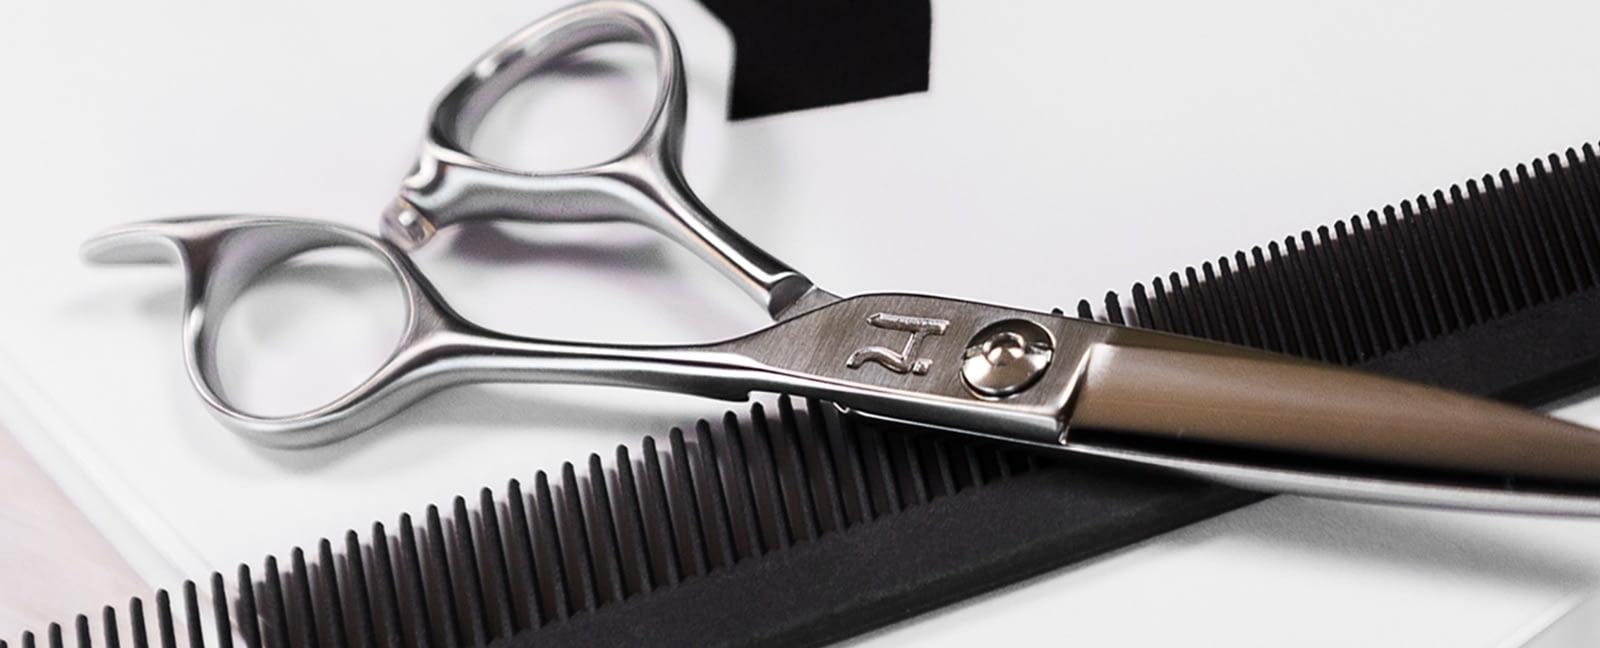 Mamba shear with comb